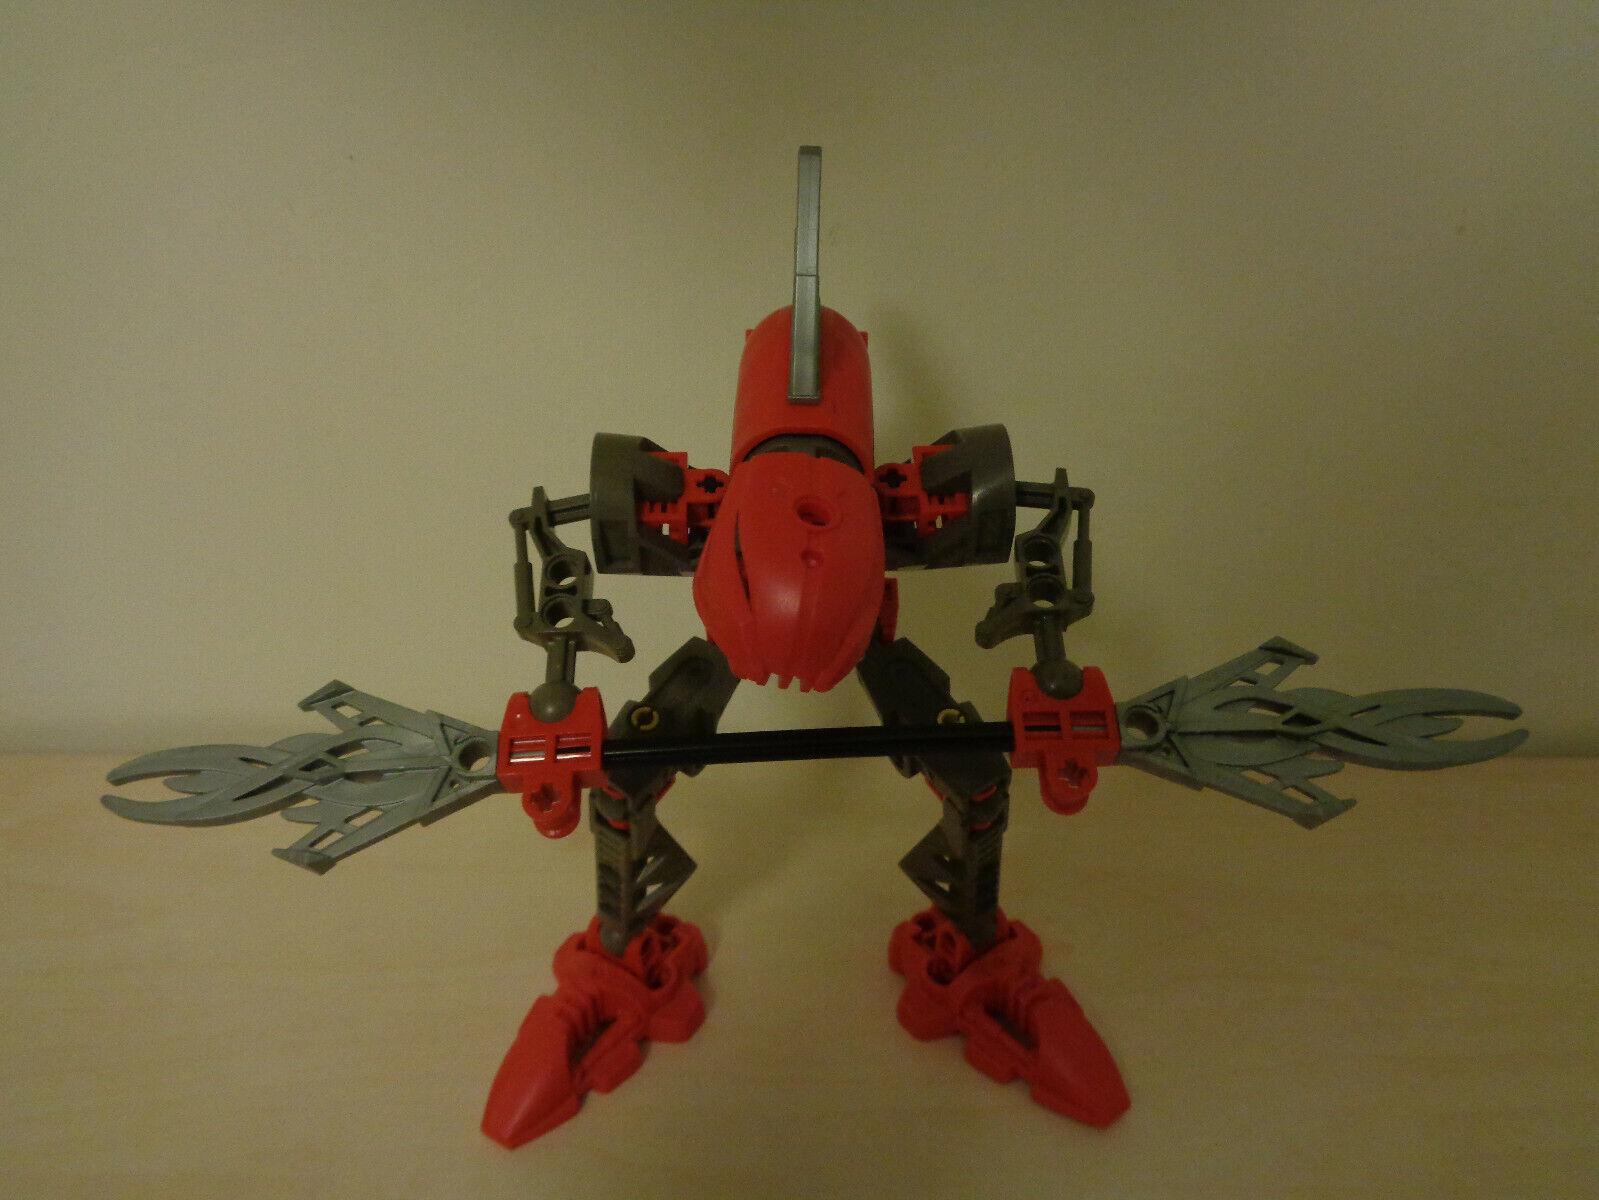 LEGO - Bionicle - Rahkshi (5 Rahkshi senza Kraata)